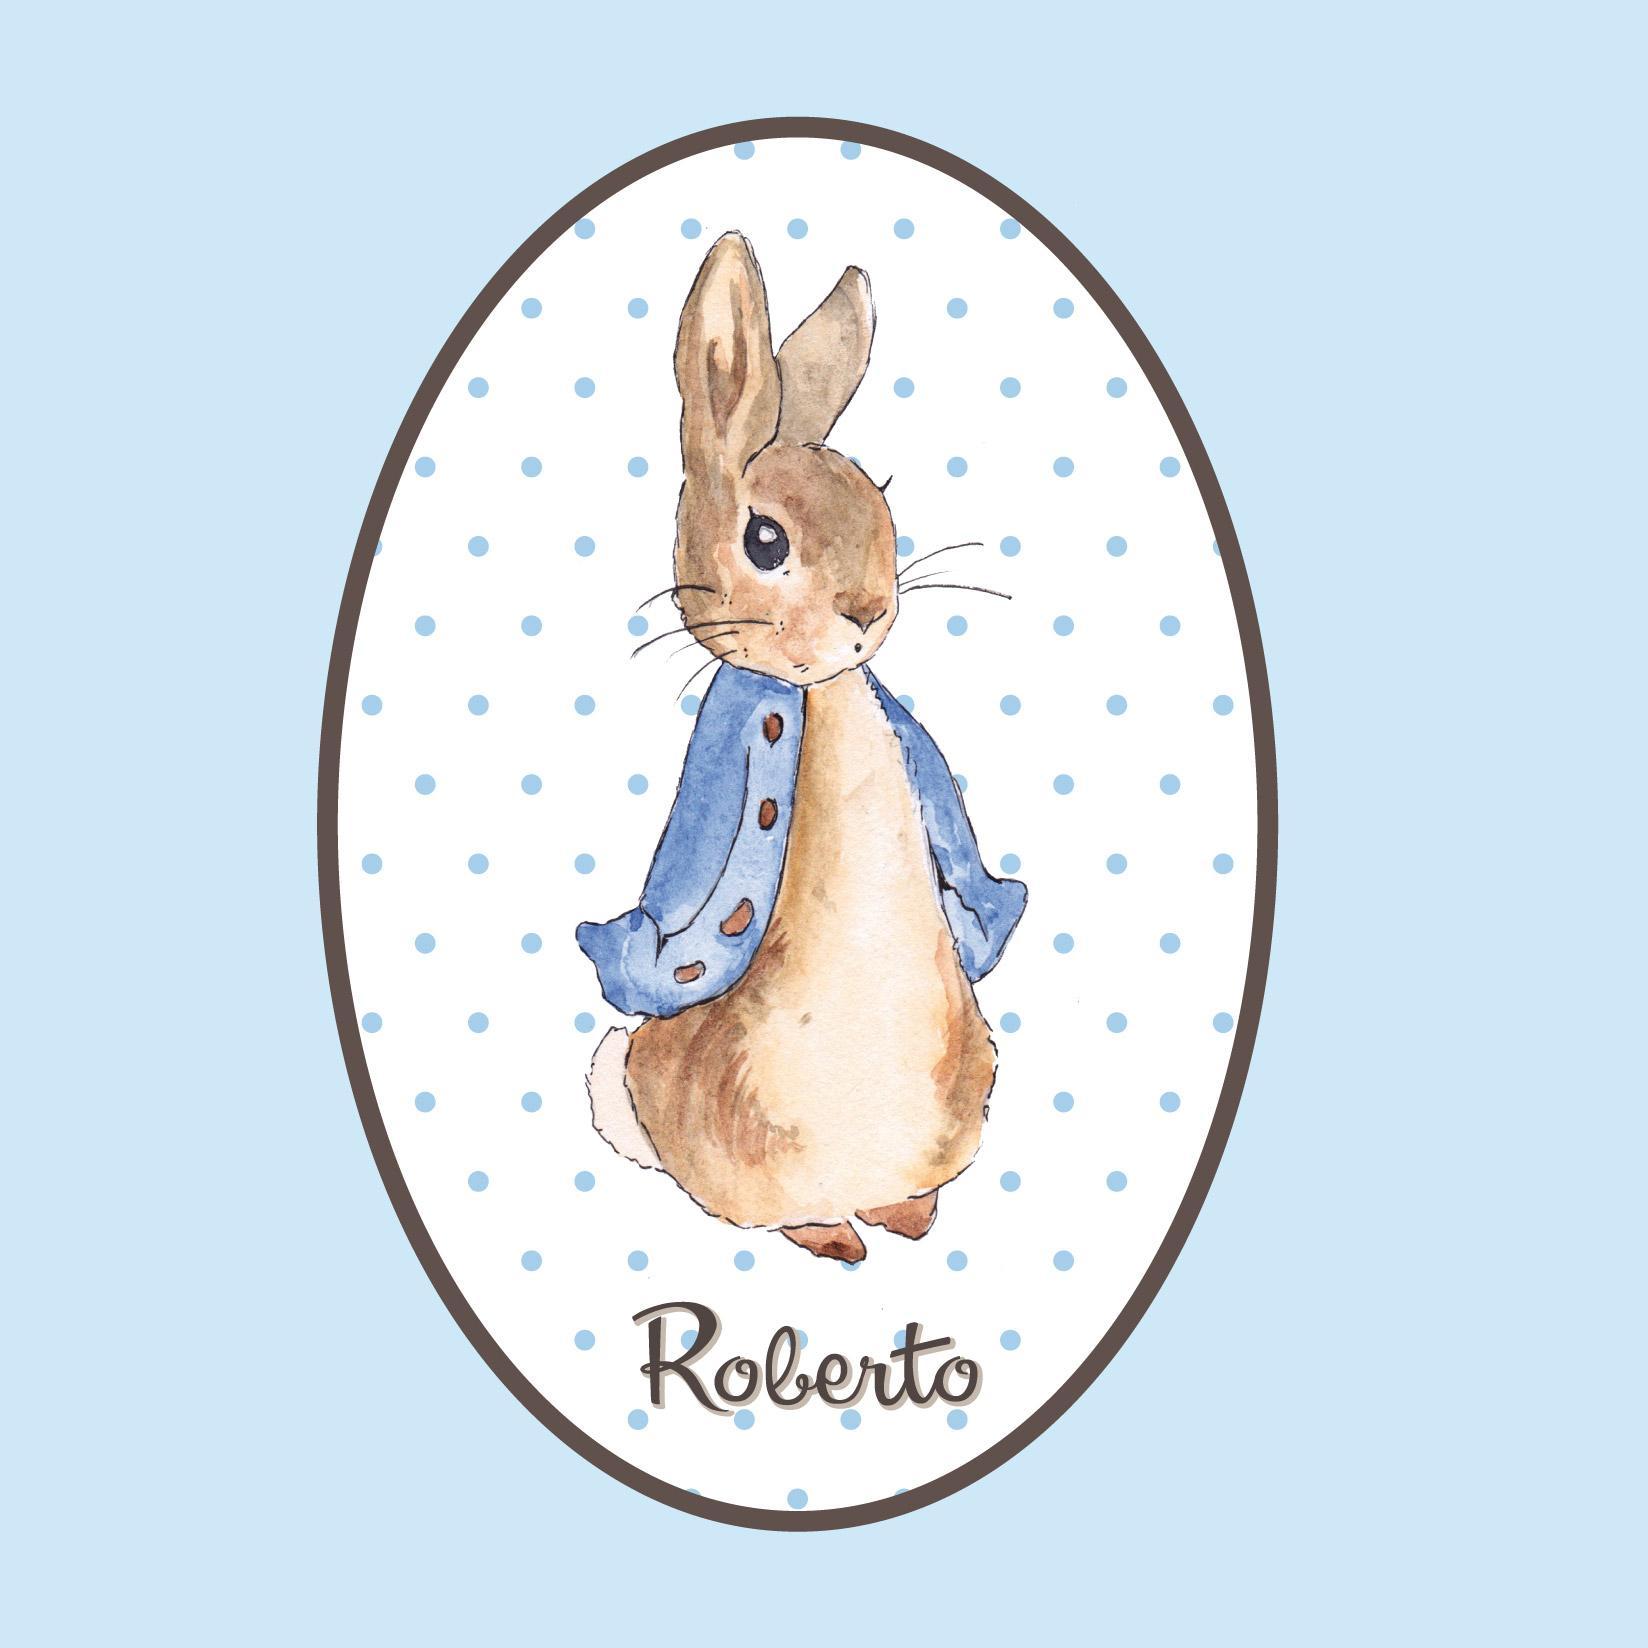 VINILO INFANTIL: Vinilo ovalado conejo con nombre